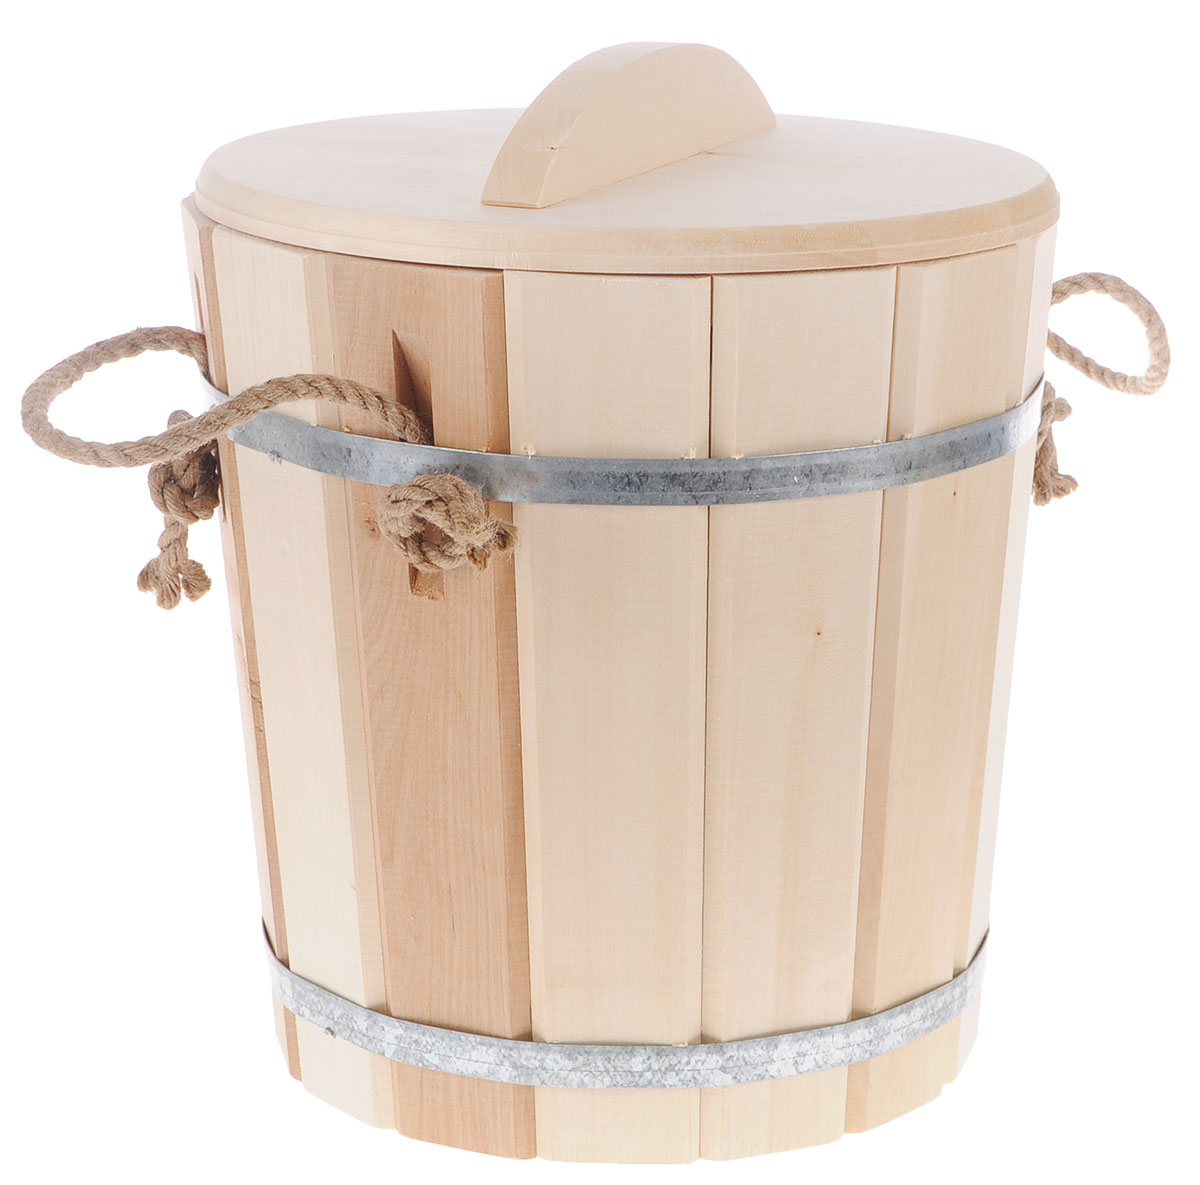 Ведро Банные штучки, с пластиковой вставкой , с крышкой, 10 л00007578Деревянное ведро Банные штучки является одной из тех приятных мелочей, без которых не обойтись при принятии банных процедур. Внутренняя поверхность имеет пластиковую вставку. Для удобства использования ведро оснащено деревянной крышкой и ручкой из веревки. Ведро прекрасно подойдет для обливания, замачивания веника или других банных процедур.Интересная штука - баня. Место, где одинаково хорошо и в компании, и в одиночестве. Перекресток, казалось бы, разных направлений - общение и здоровье. Приятное и полезное. И всегда в позитиве. Характеристики:Материал: дерево (липа), металл, пластик. Объем: 10 л. Диаметр основания ведра: 24 см. Диаметр ведра по верхнему краю: 27,5 см. Высота стенок ведра: 29 см. Размер упаковки: 32 см х 32 см х 37 см. Артикул: 03710.